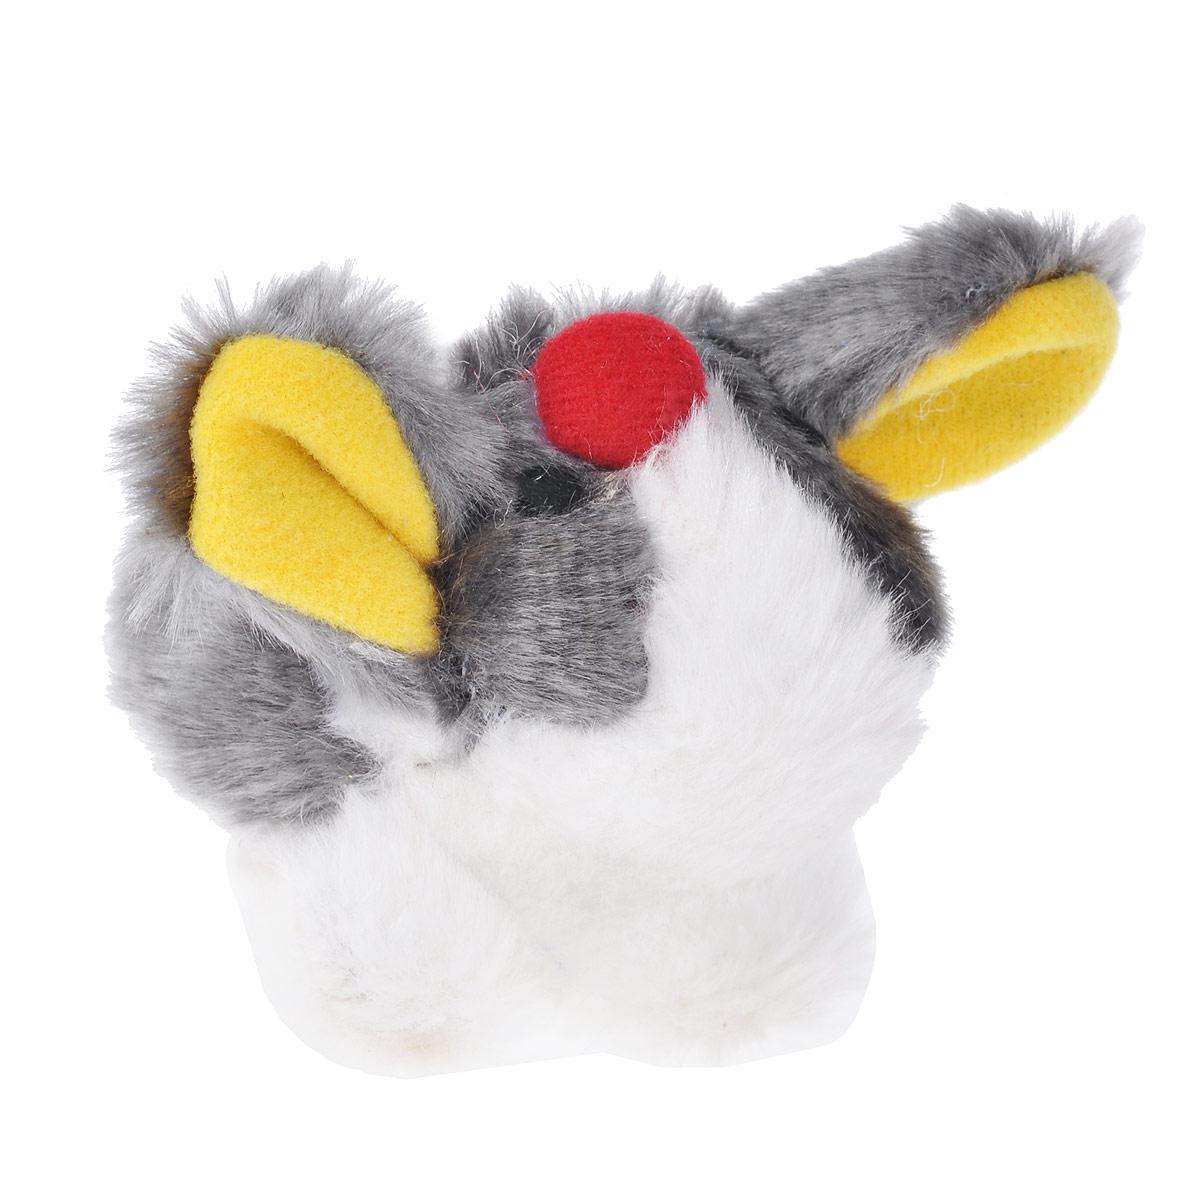 Игрушка для кошек I.P.T.S. Кролик вибрирующий16384/440369Игрушка для кошек I.P.T.S. Кролик вибрирующий изготовлена из мягкого плюша. Игрушка вибрирует, создавая дополнительные движения и звуковые эффекты. Предназначена для активных игр с кошкой.